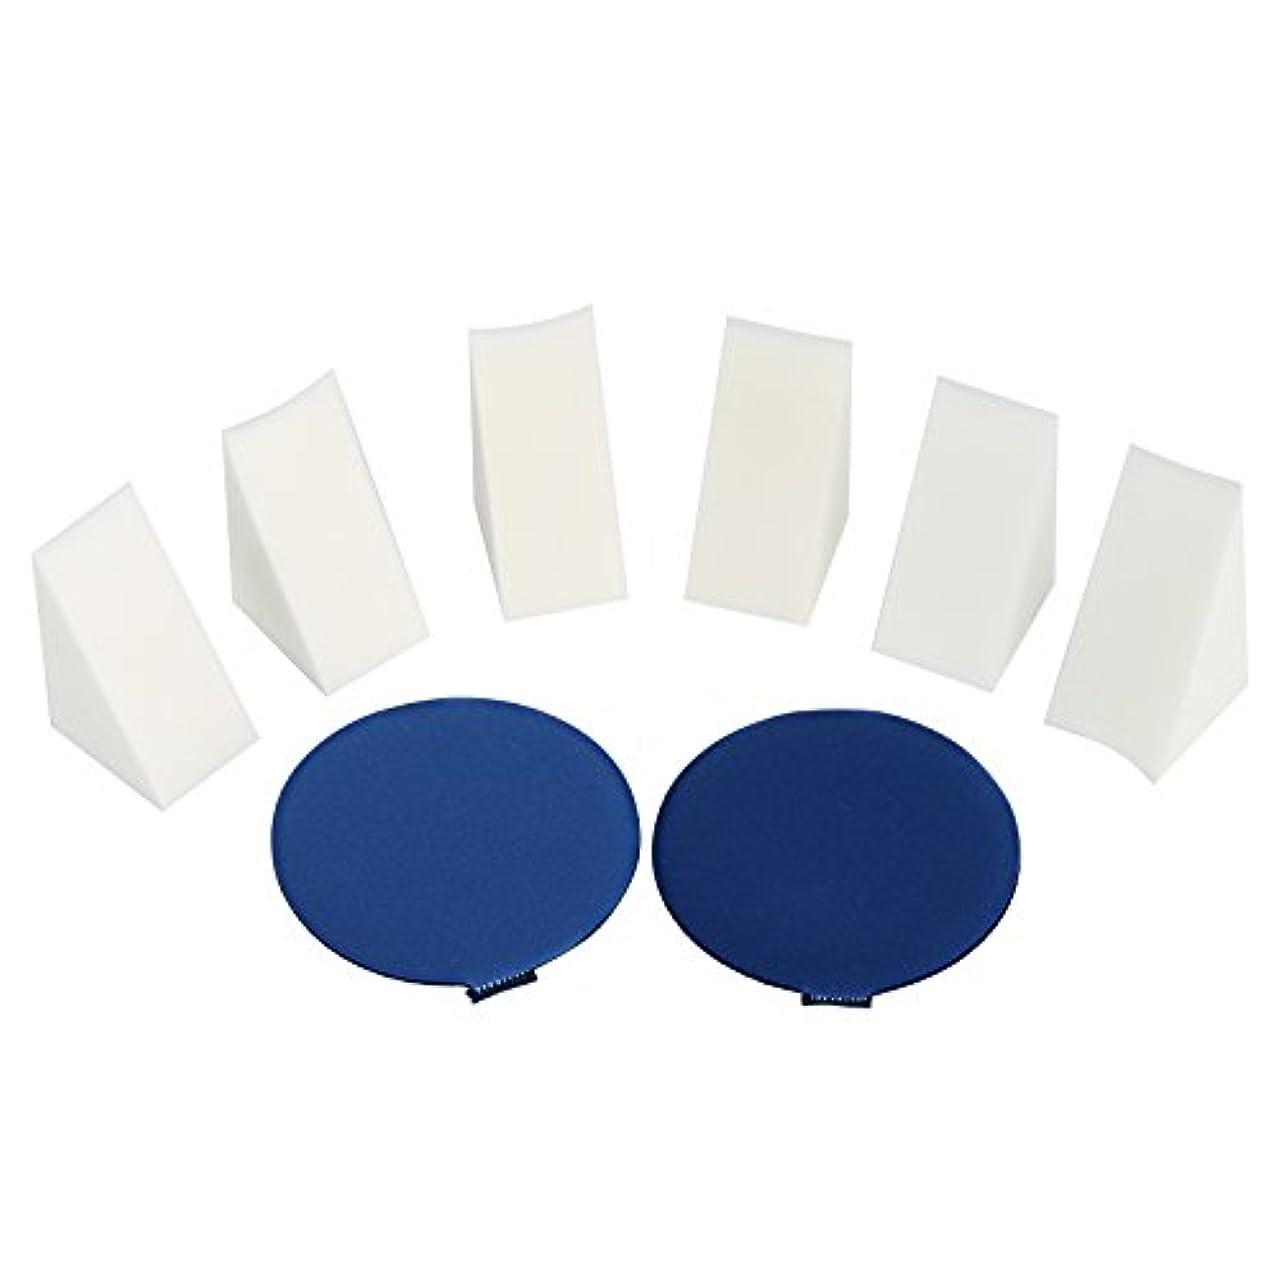 デザート垂直会話型LIHAO ファンデーションパフ メイクスポンジ エアパフ クッションファンデーション 三角メイクアップパフ 8個 セット